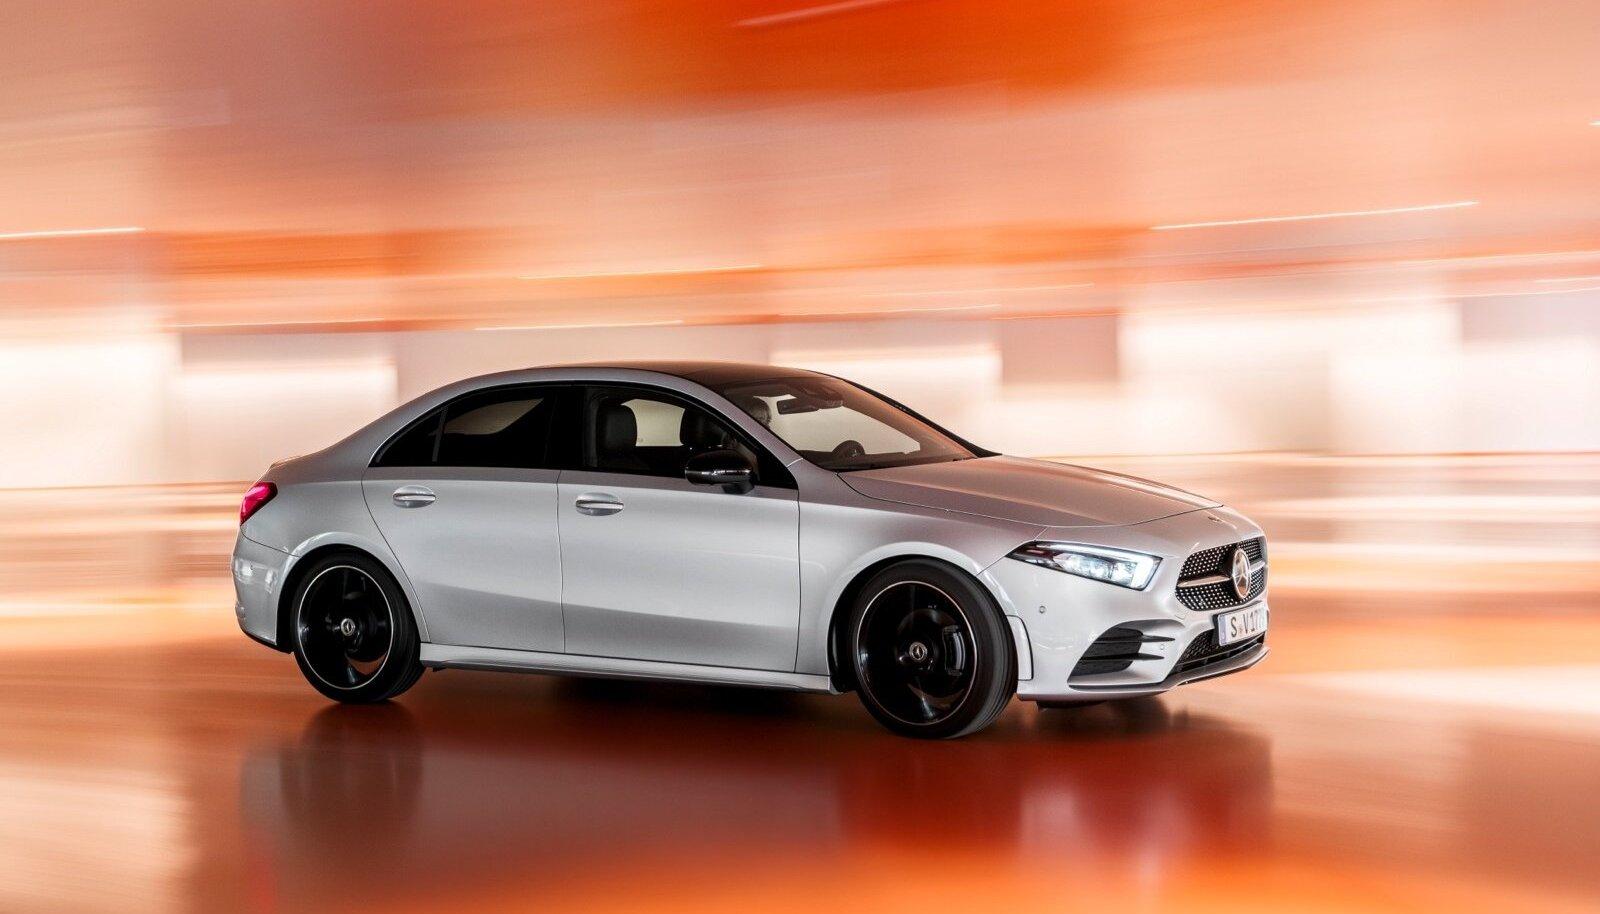 Mercedes-Benzi uuele A-klassi sedaanile on antud kupeelikud jooned ja agressiivne kuju, mis muudavad selle Volkswagen Golfi mõõtu auto vägagi atraktiivseks.